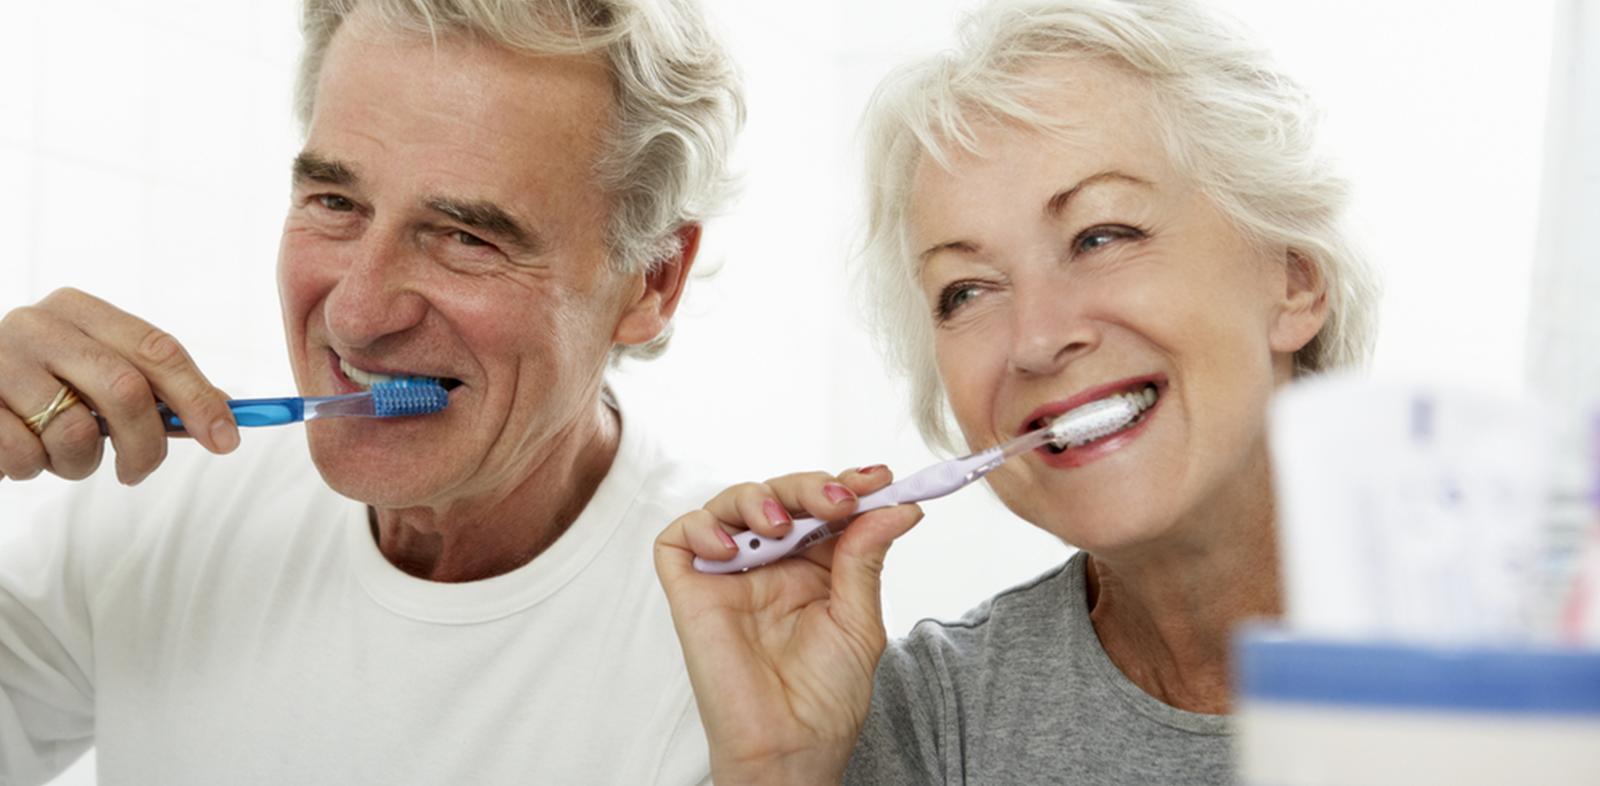 odontogeriatria senhores escovando os dentes saúde bucal